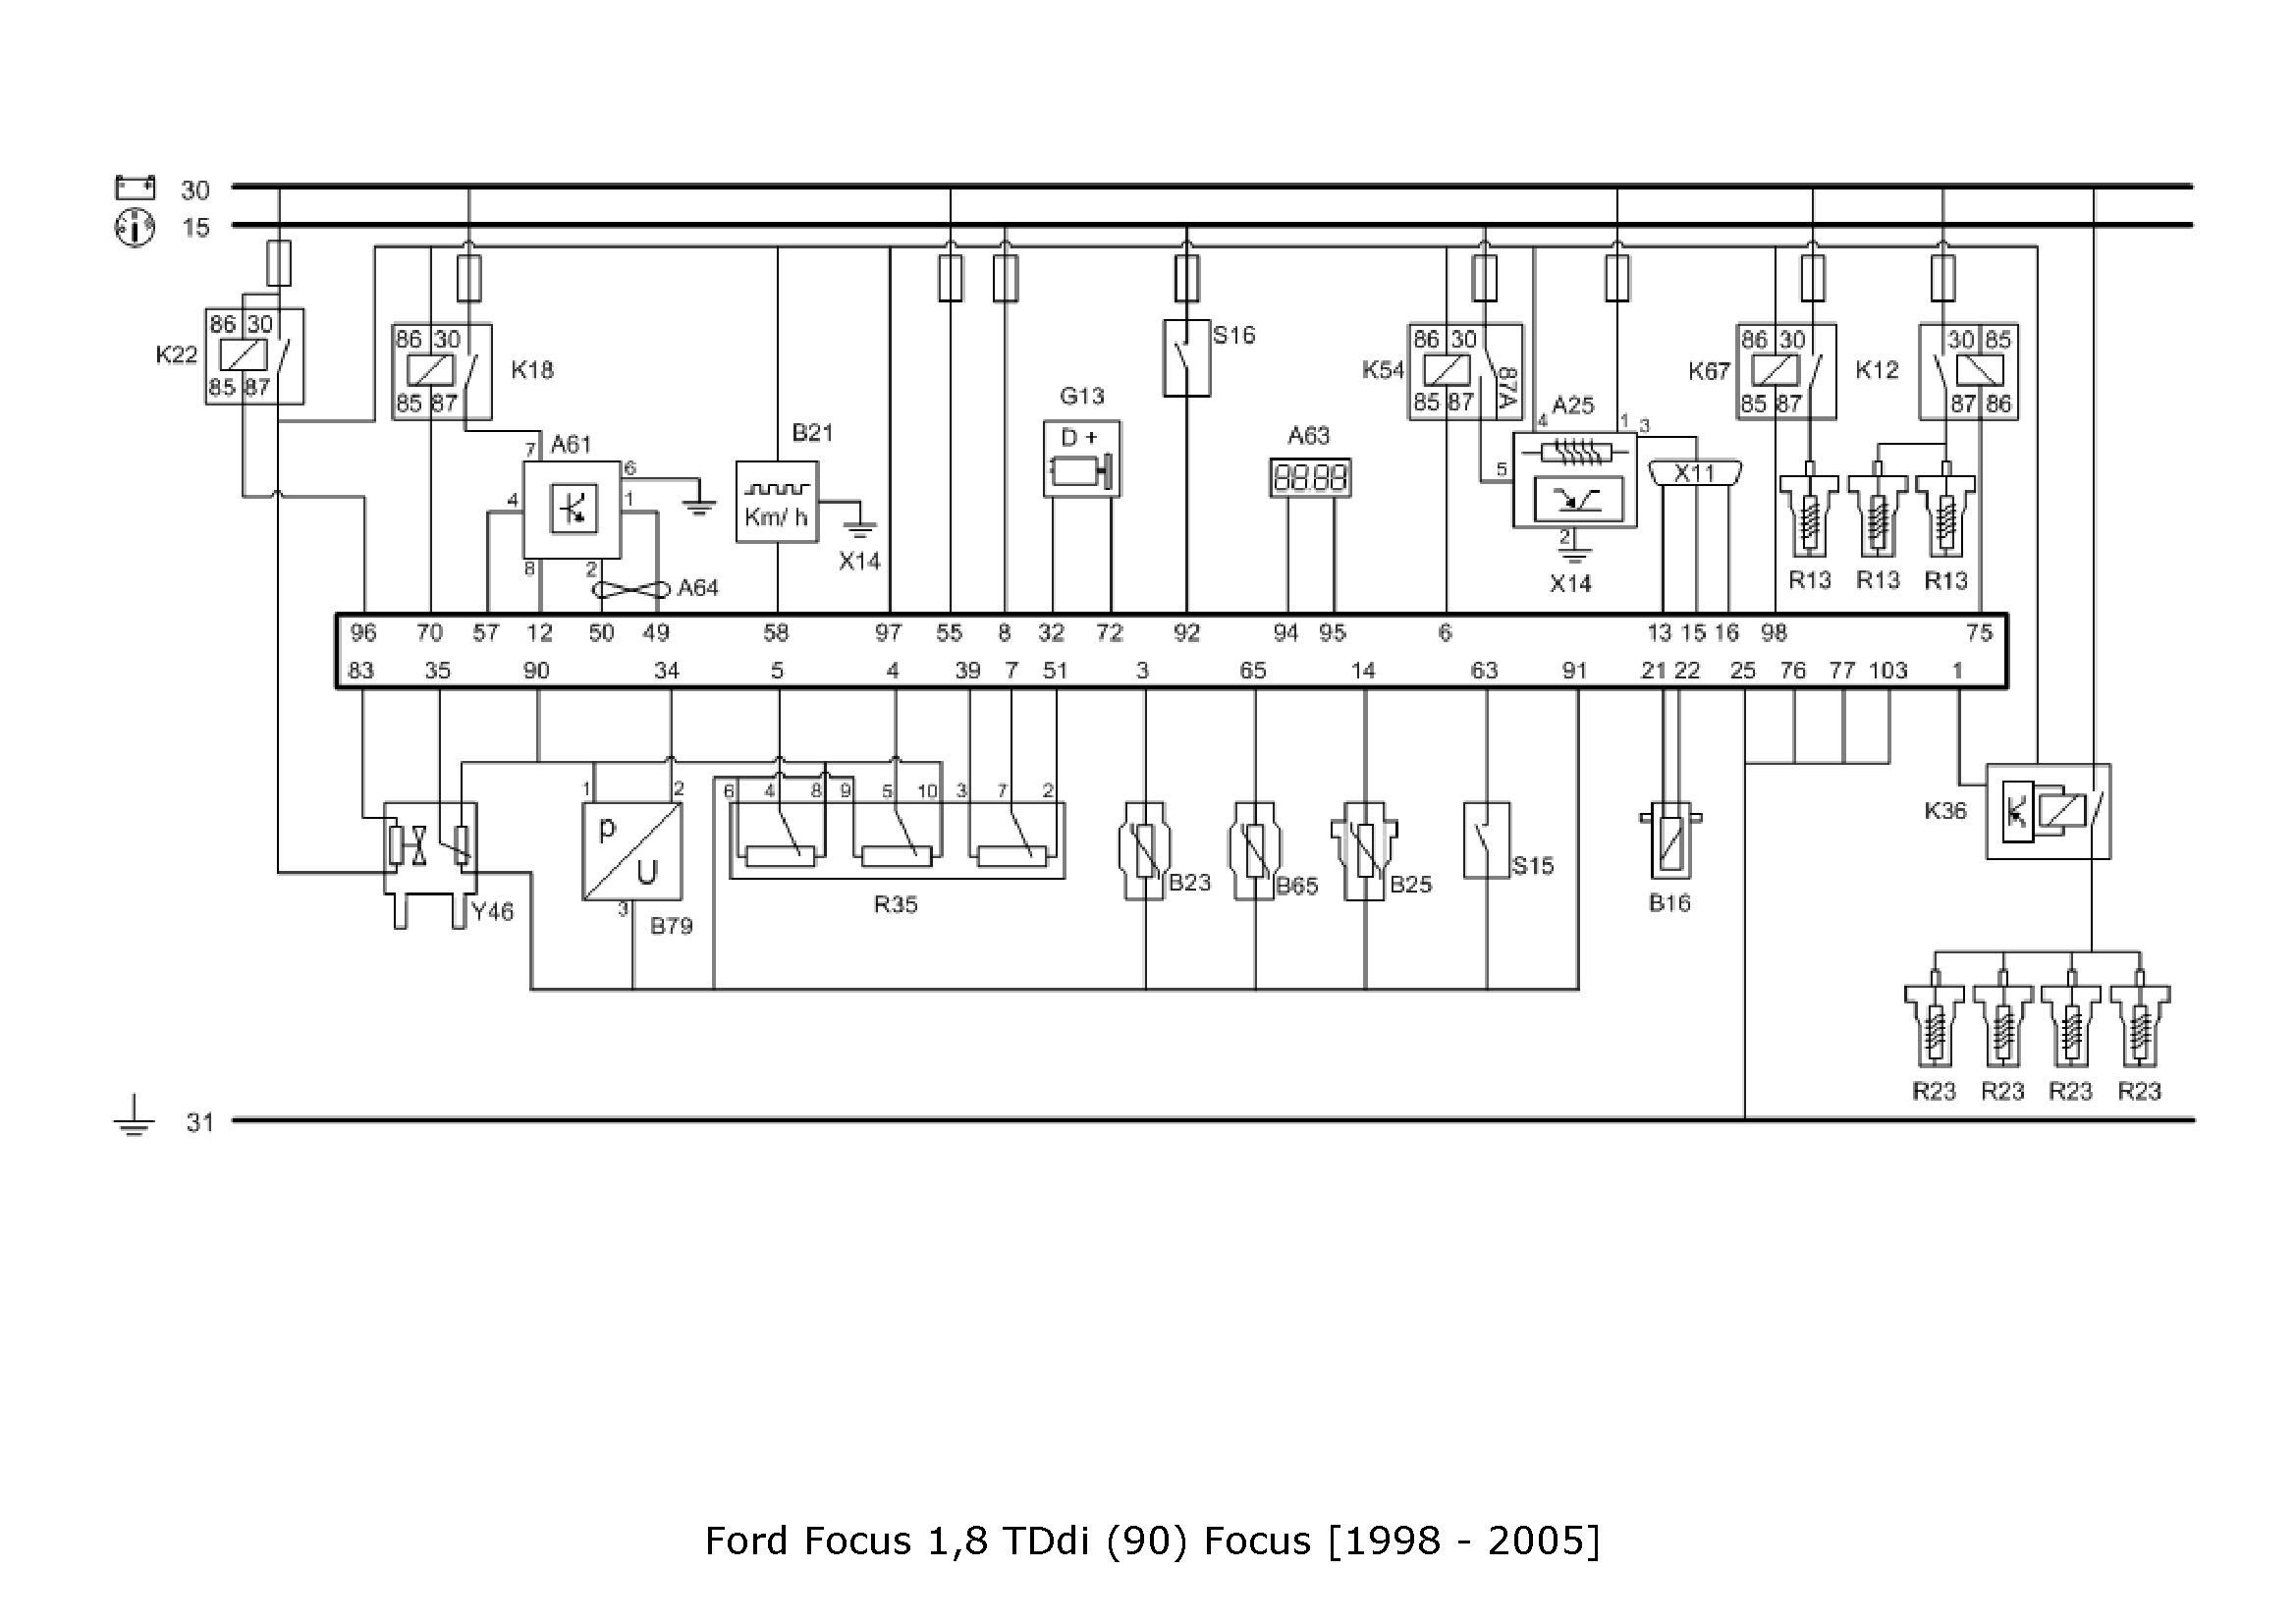 Ford focus 2002 1.8 TDI - schemat instalacji elektrycznej - szukam